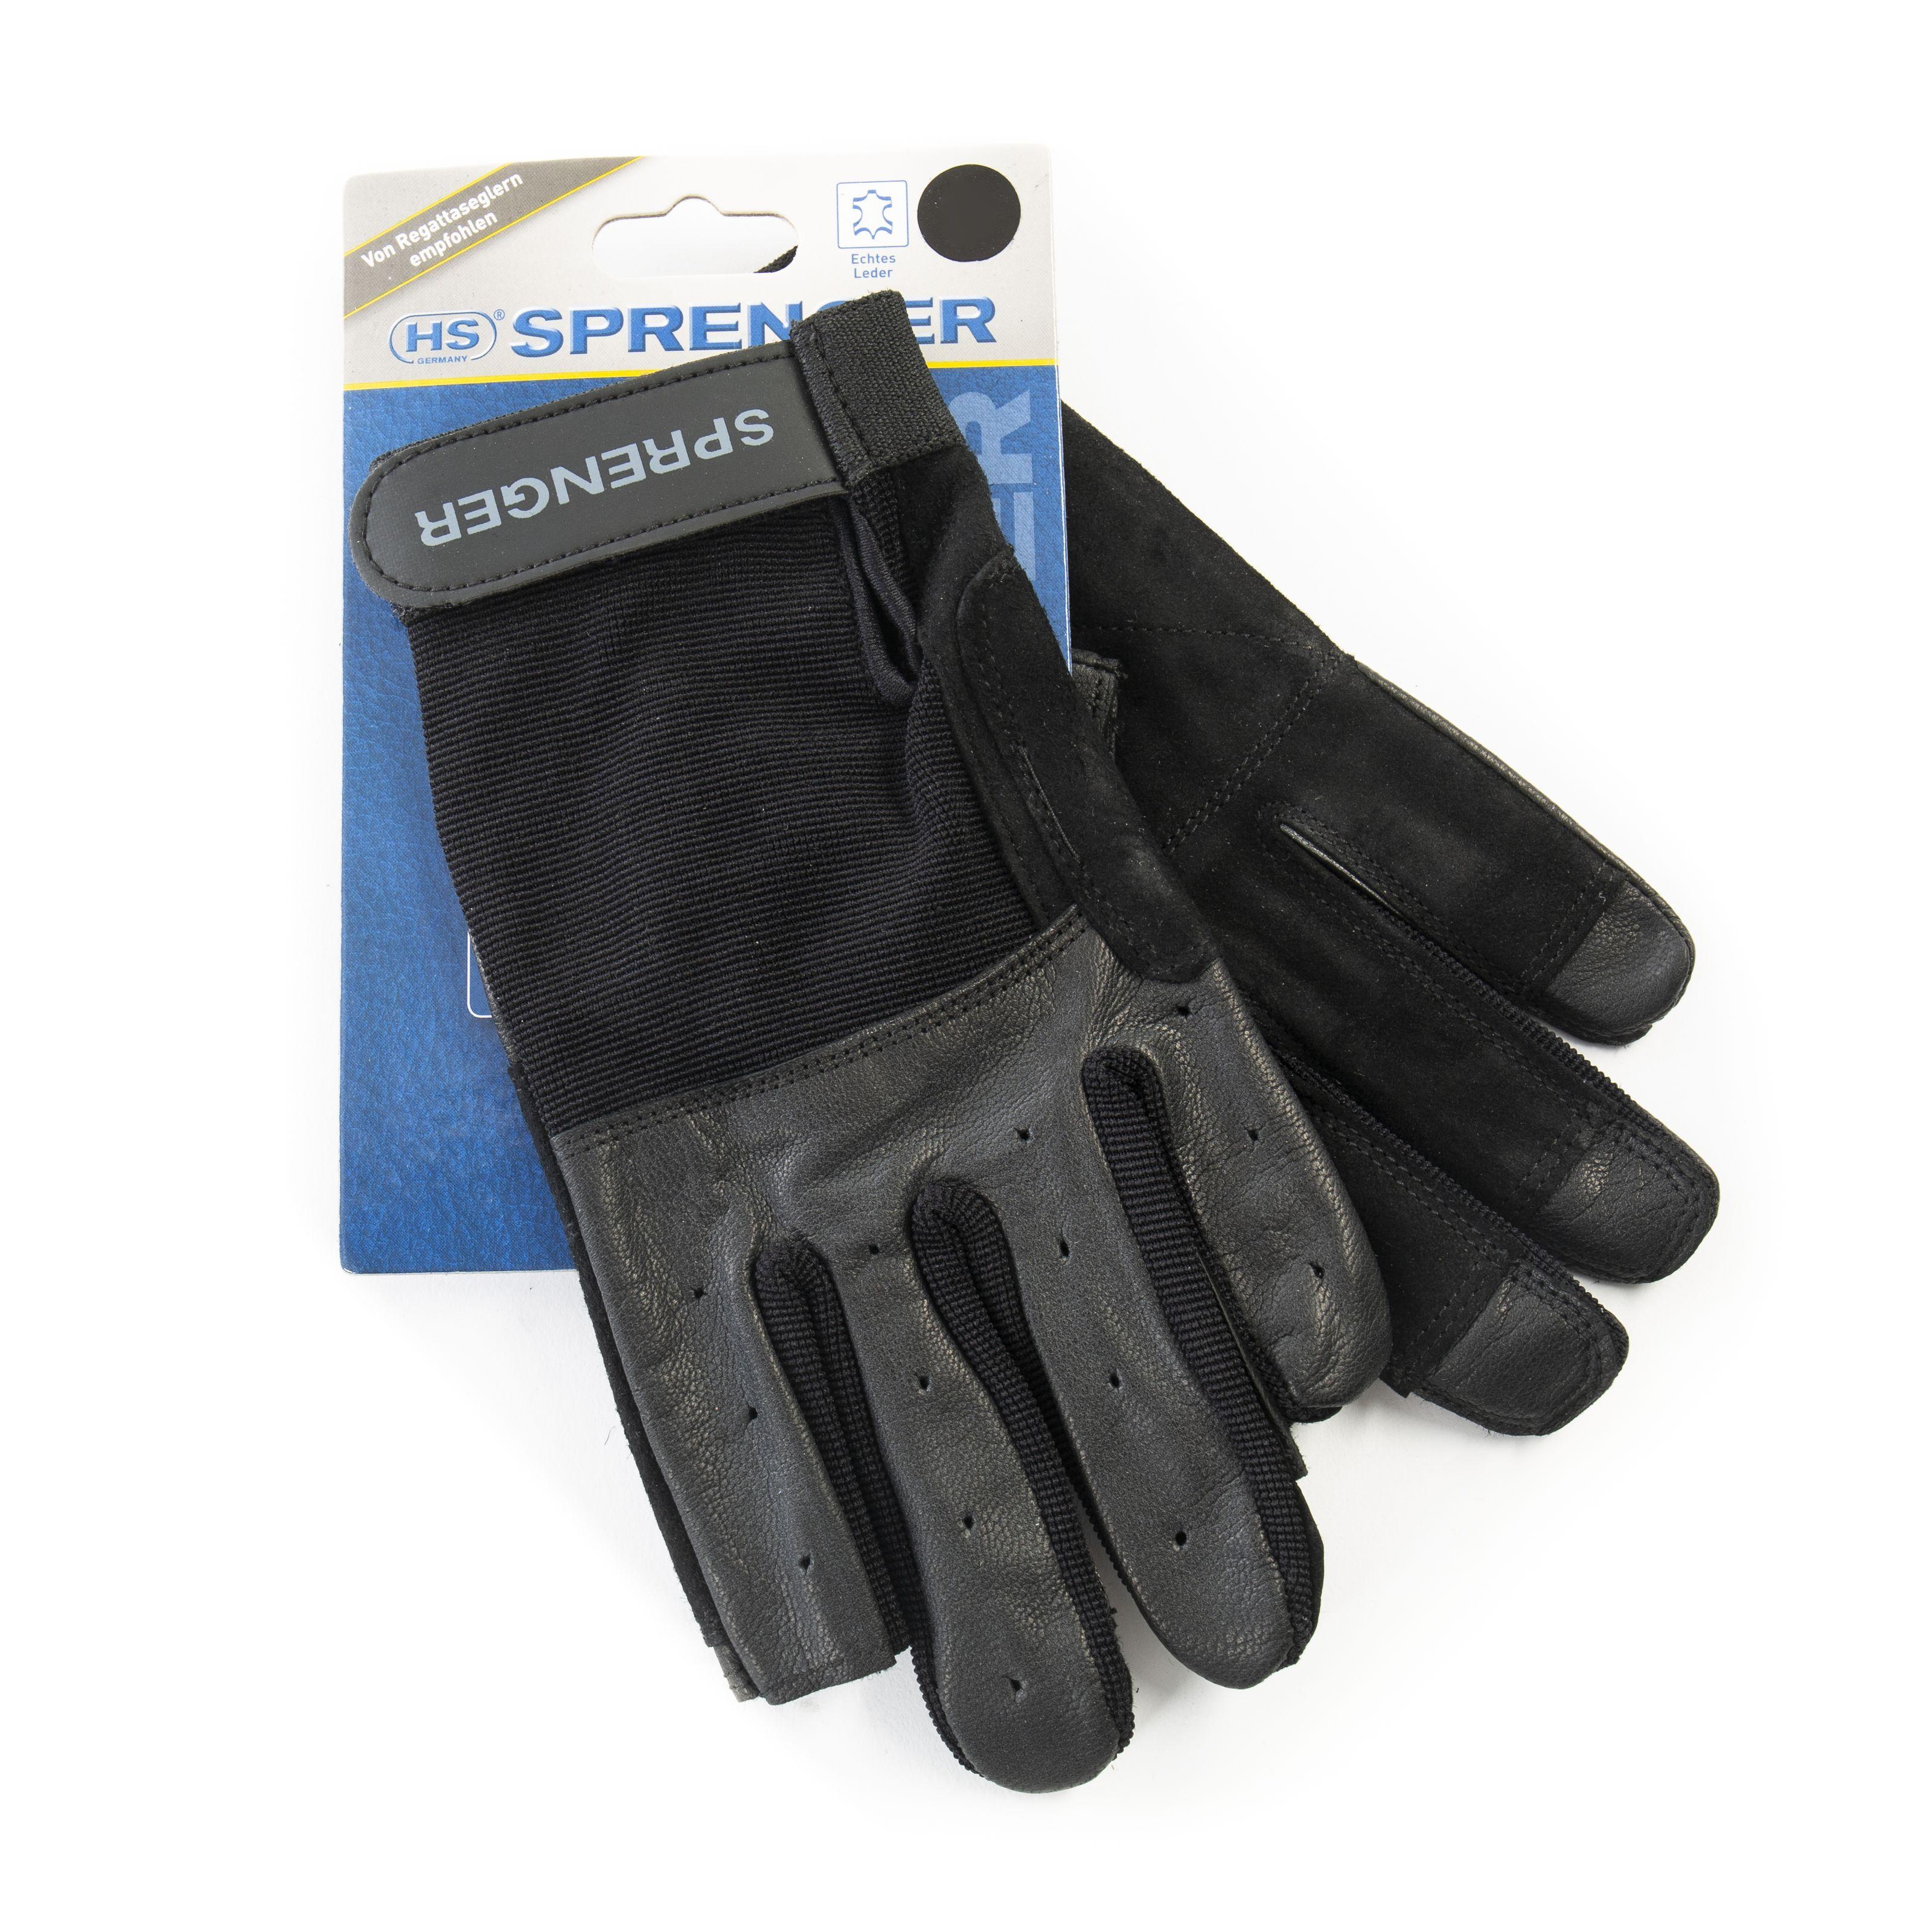 Sprenger - Rigging-Handschuhe L Black 531-0799-1010